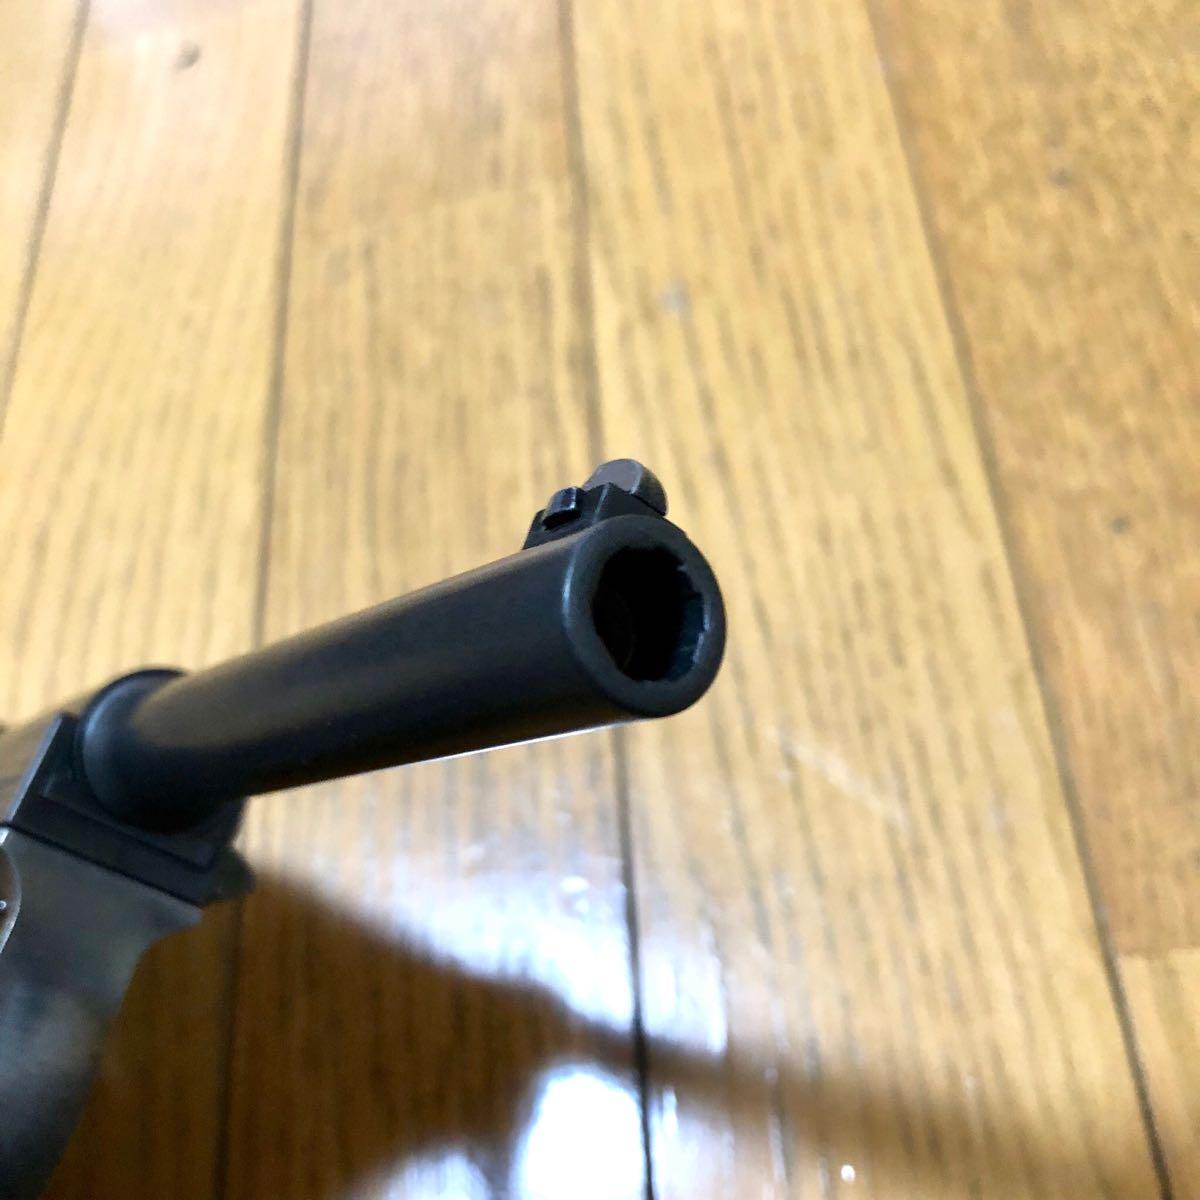 〈マルシン〉南部14年式 前期モデル HW ガスガン 6mmBBガスブローバック 期間限定!1円スタート!_画像10